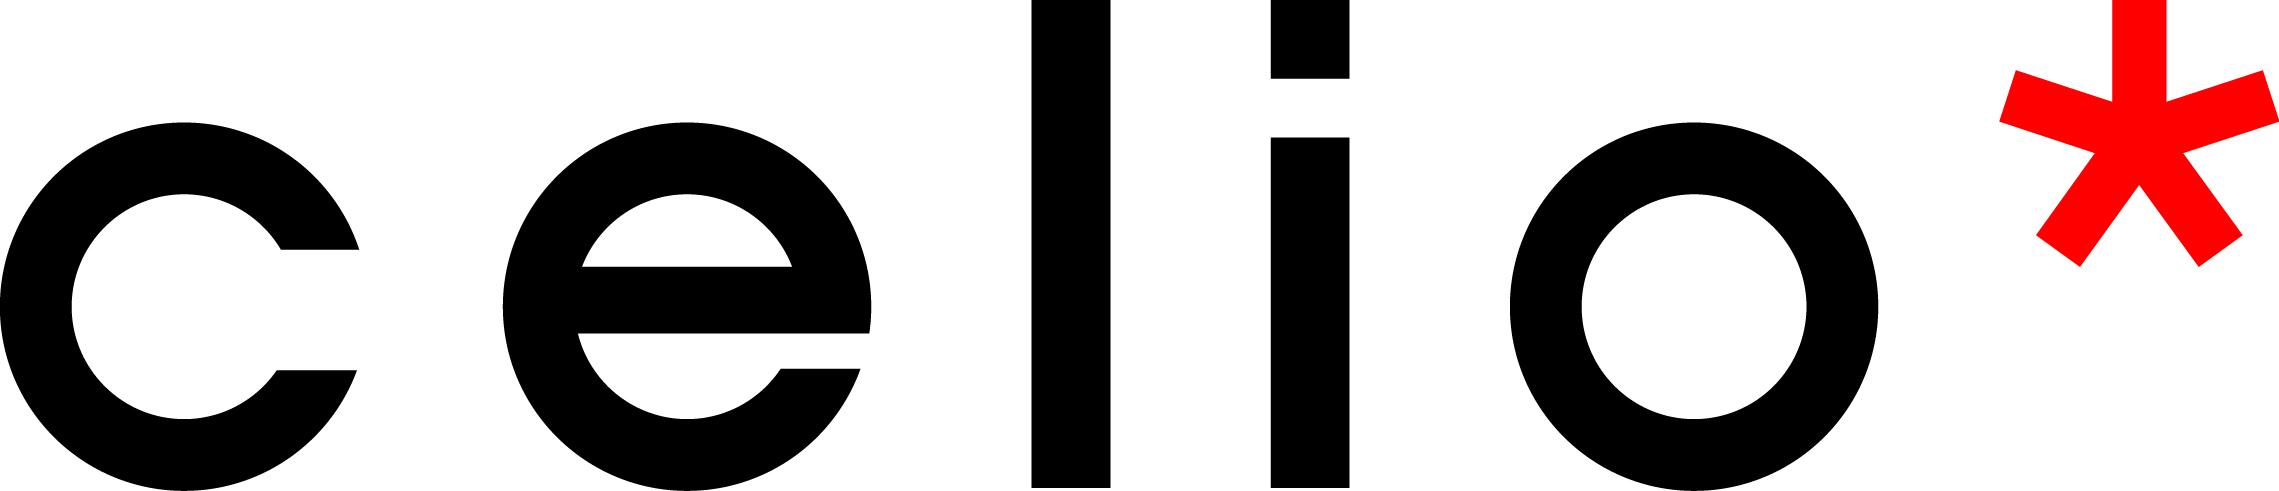 www.celio.com - logo